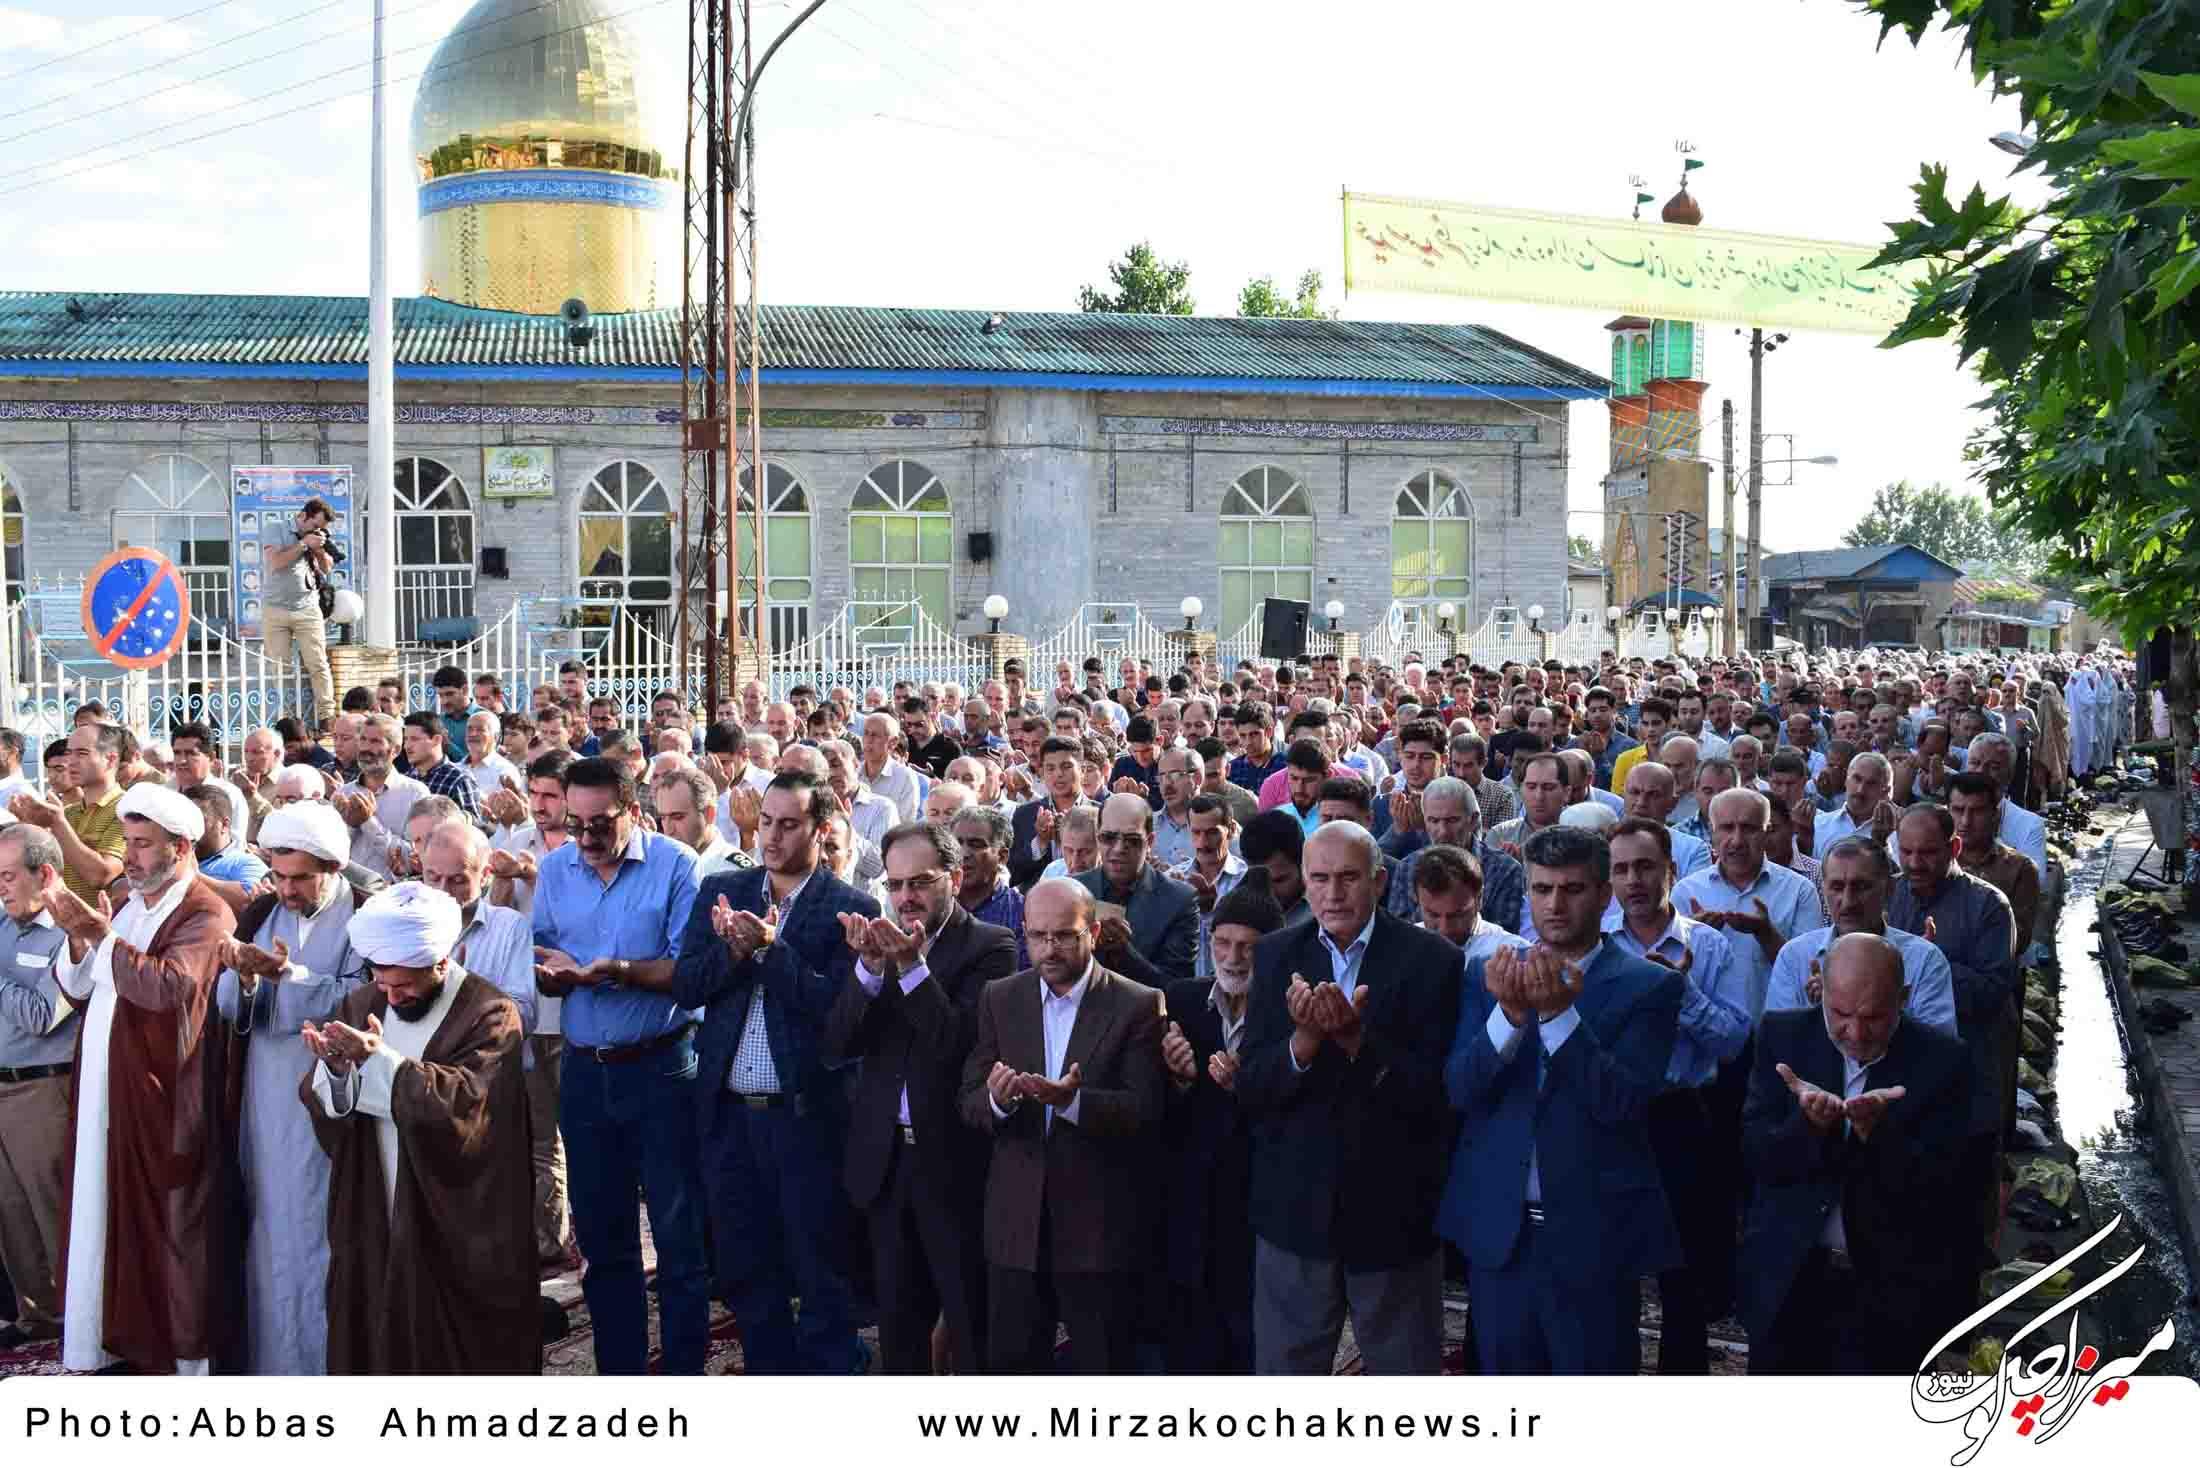 نمازعیدفطر در گوراب زرمیخ اقامه شد+تصاویر